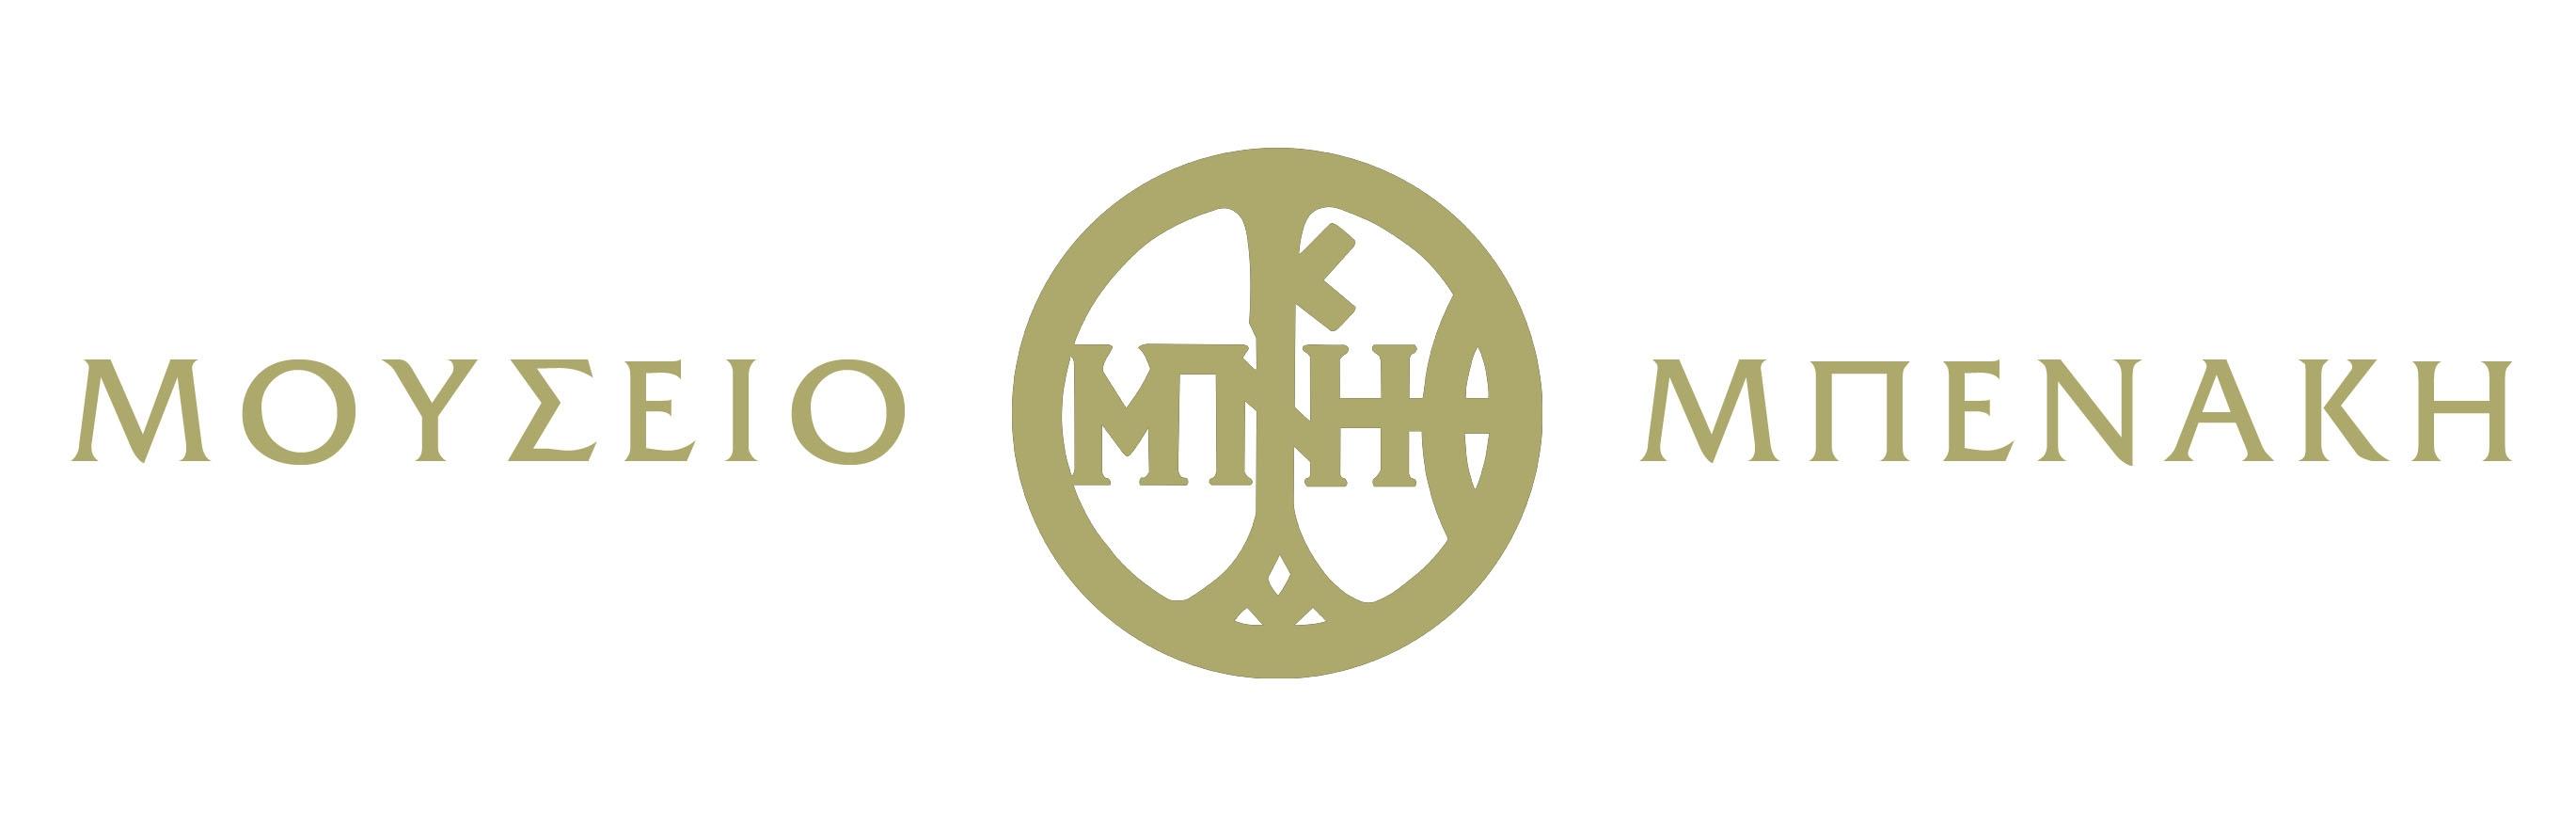 Museum_logo_gr.JPG